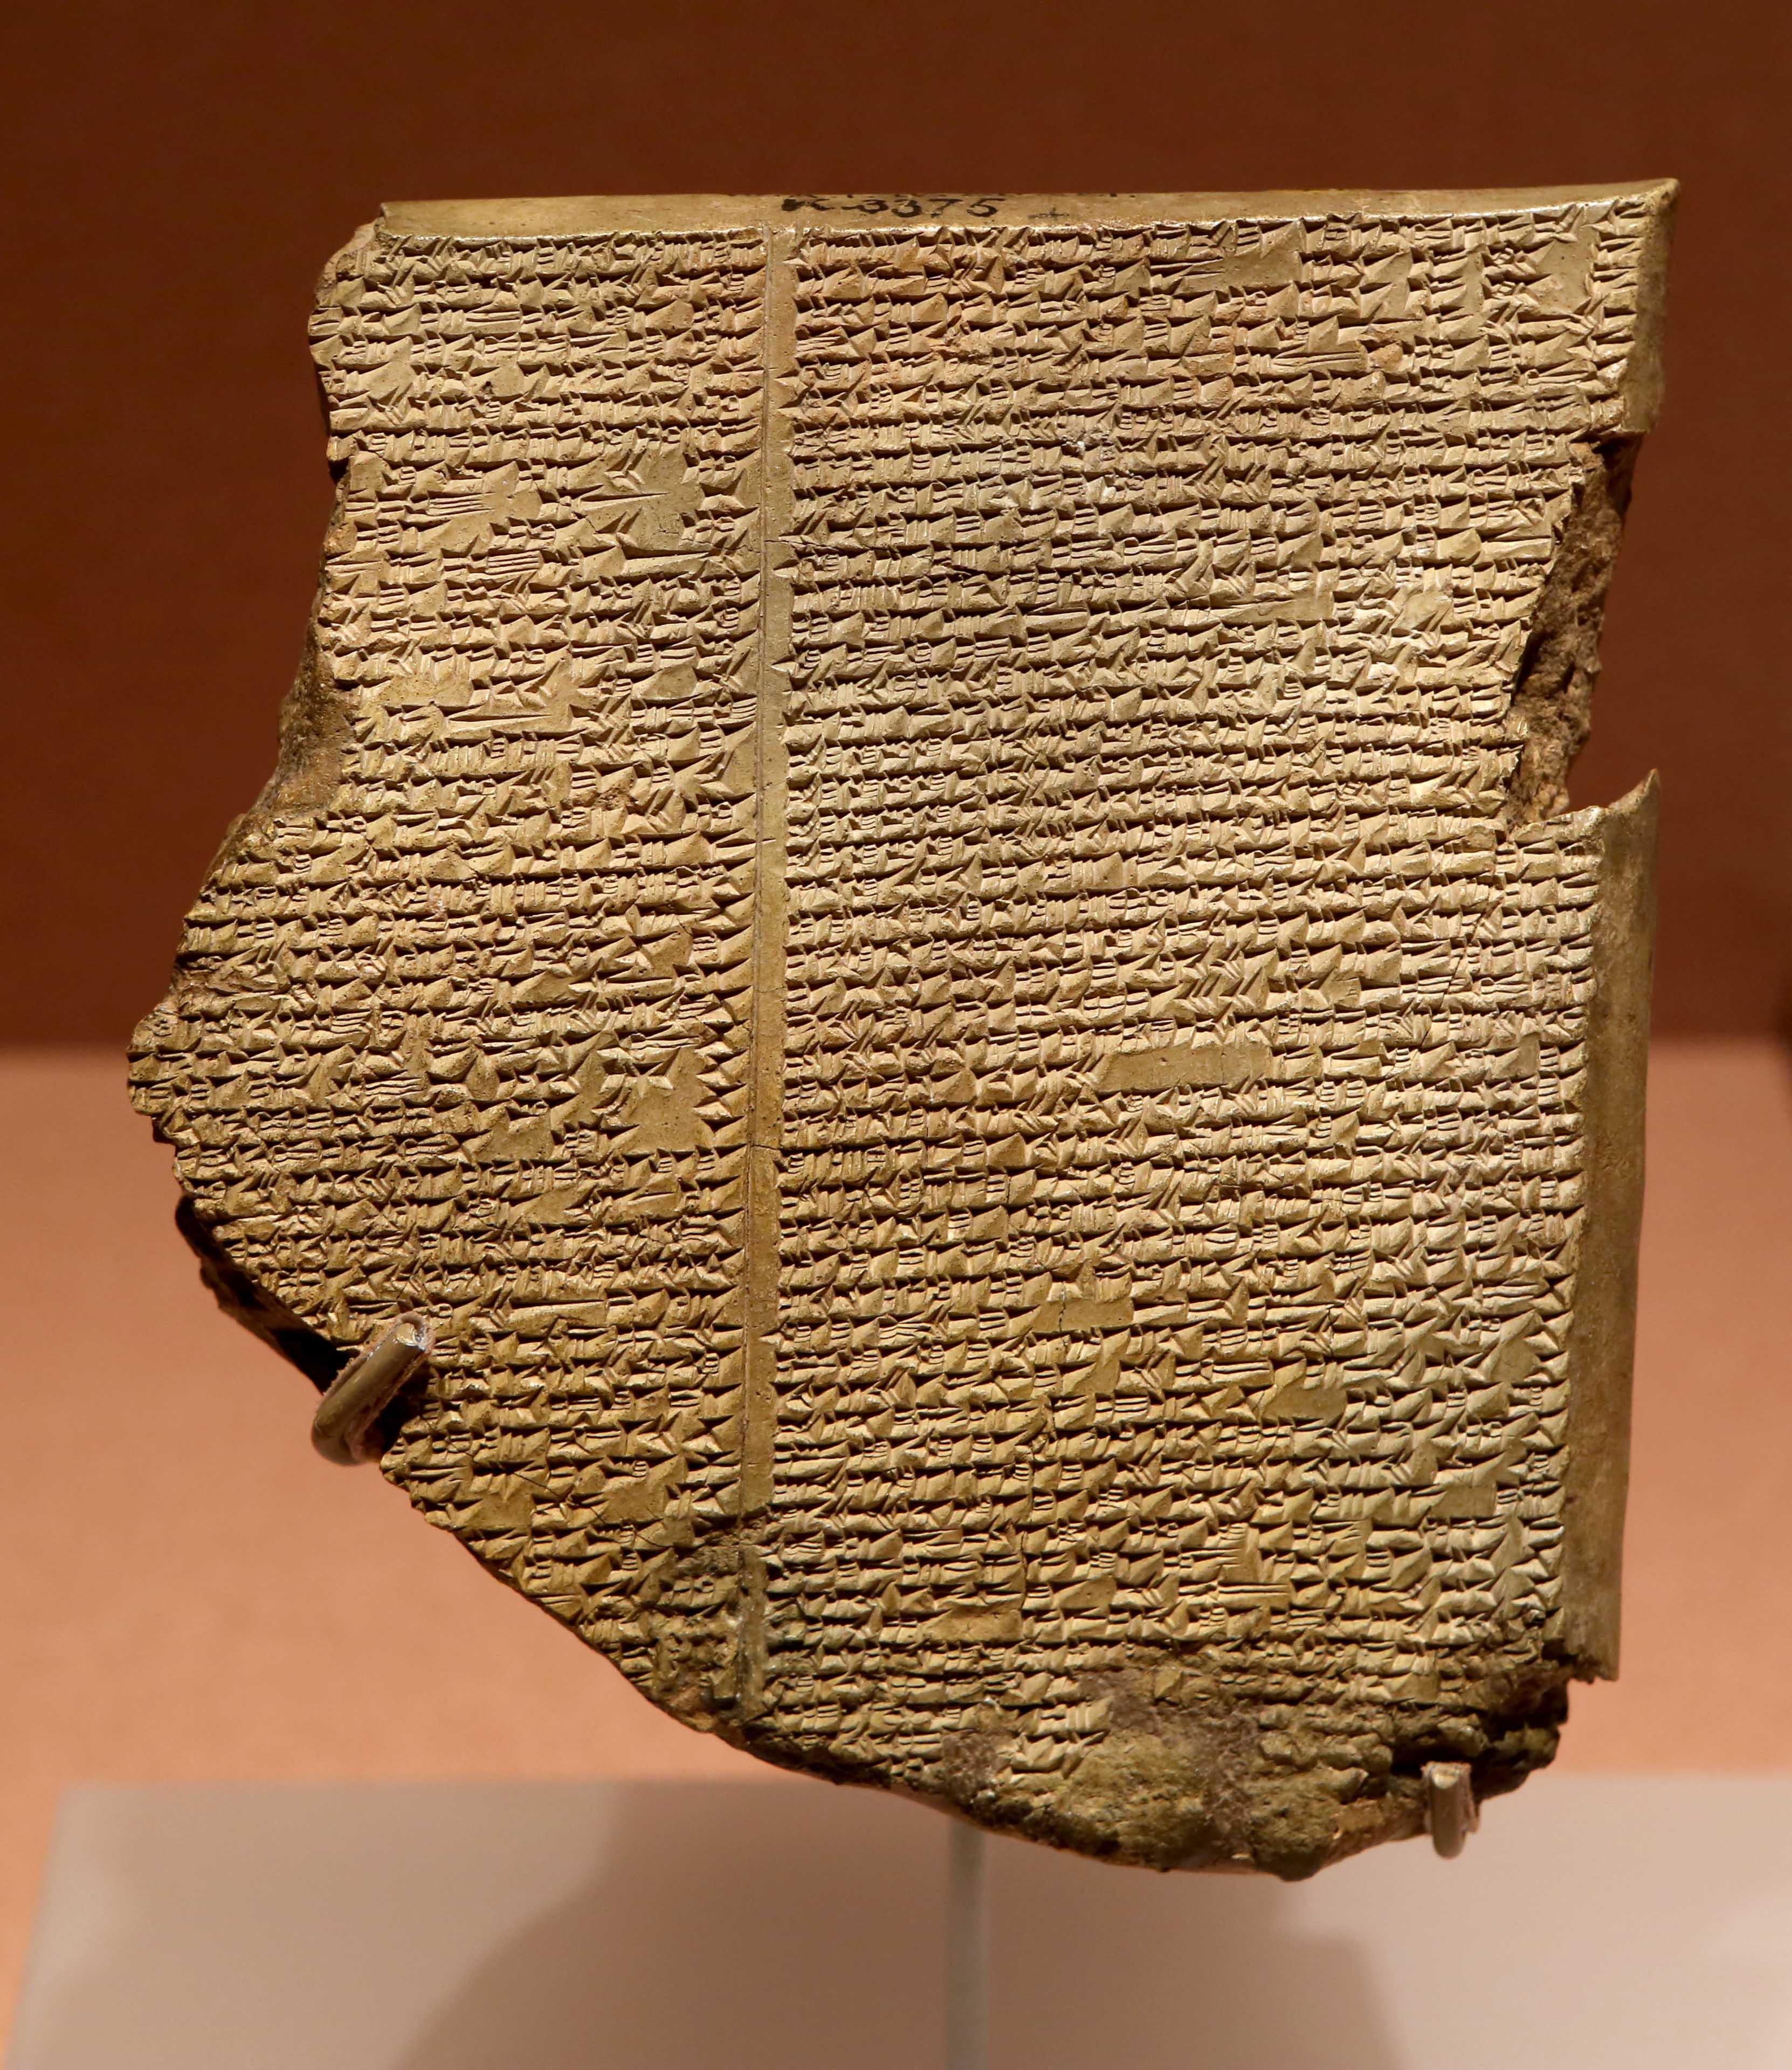 Visszaadta a Gilgames-eposzt Iraknak az Egyesült Államok